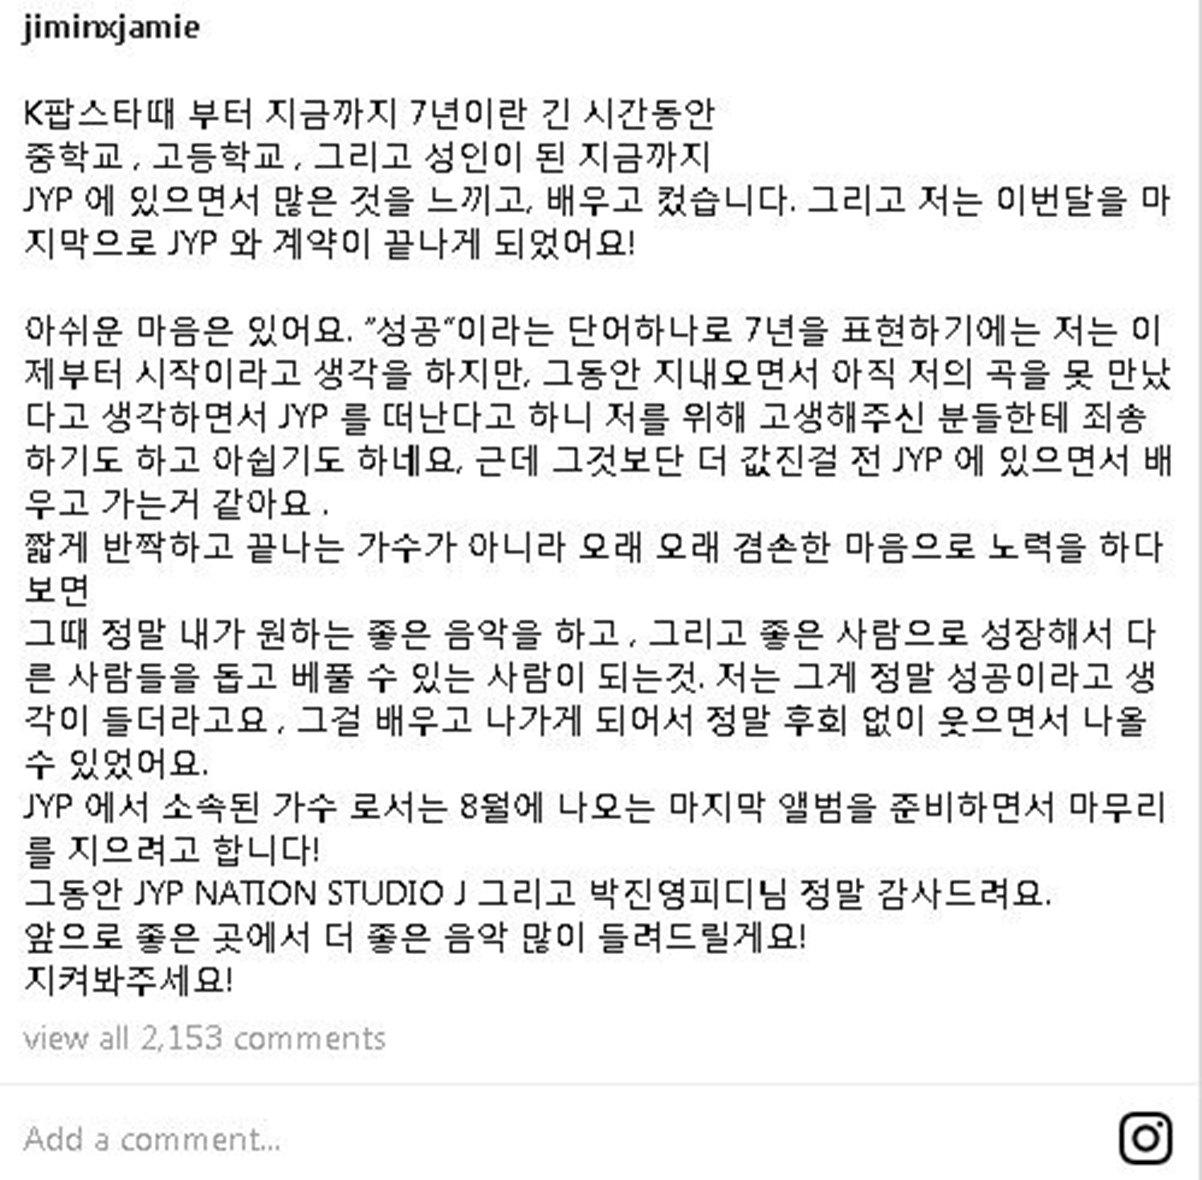 Park Jimin Tidak Lagi Meneruskan Kontraknya Dengan JYP Entertainment, Inilah Alasannya 3